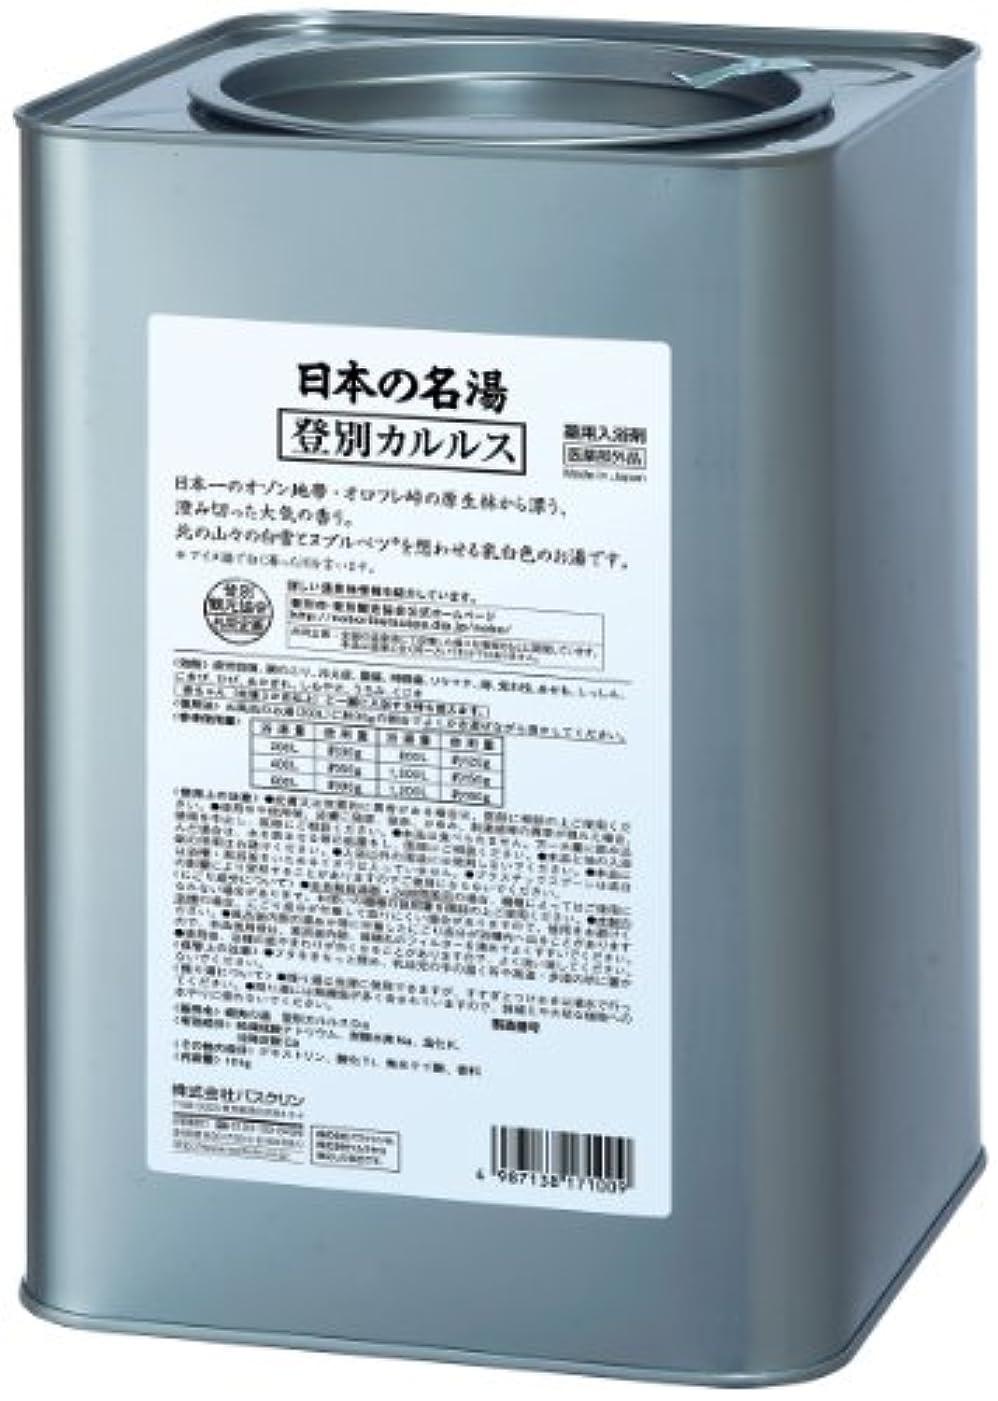 受取人友だちターミナル【医薬部外品/業務用】日本の名湯入浴剤 登別カルルス(北海道)10kg 大容量 温泉成分 温泉タイプ